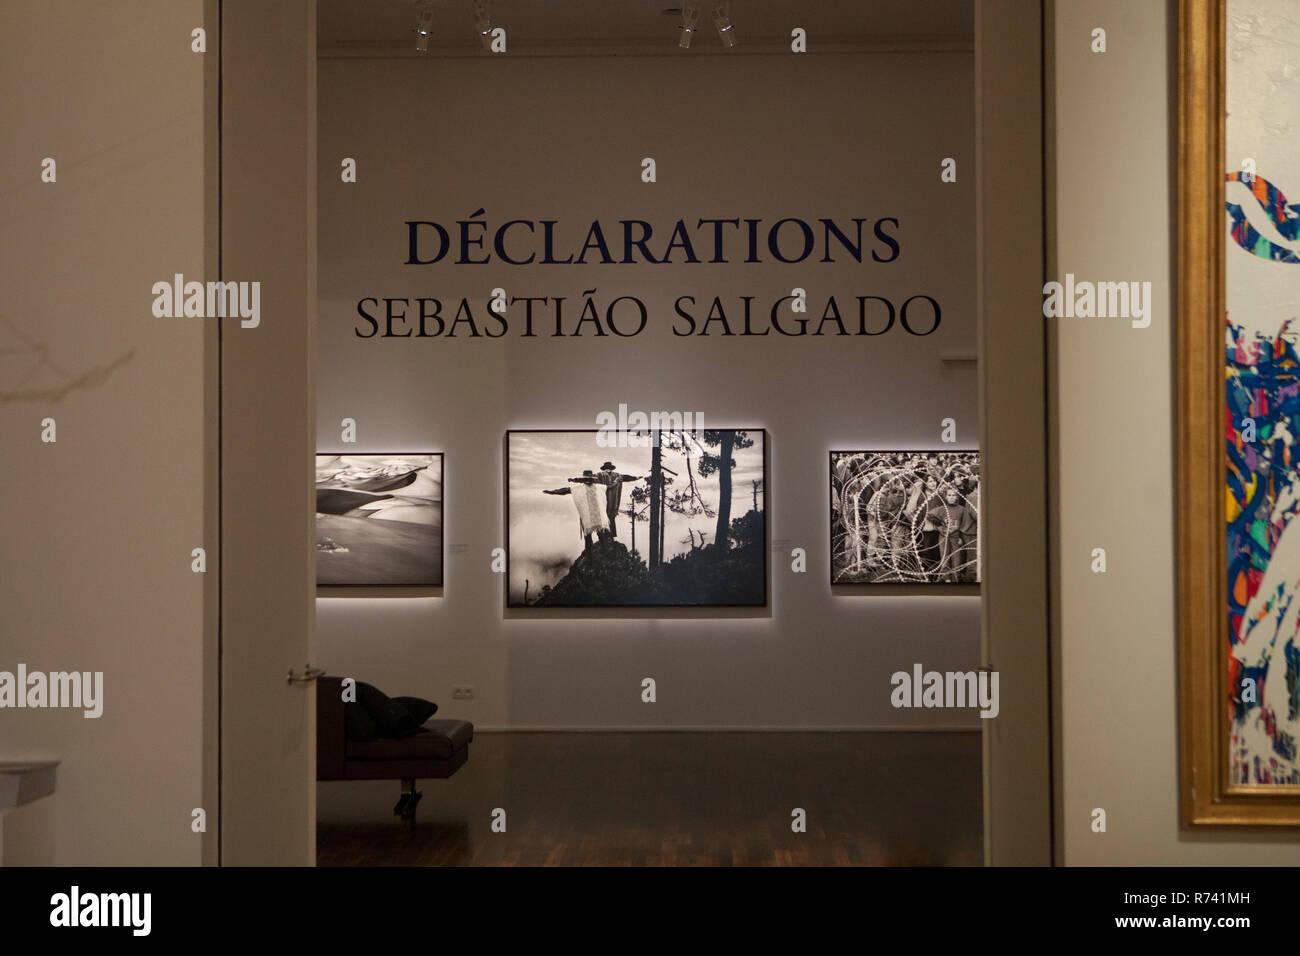 Sebastio Salgado - Stock Image